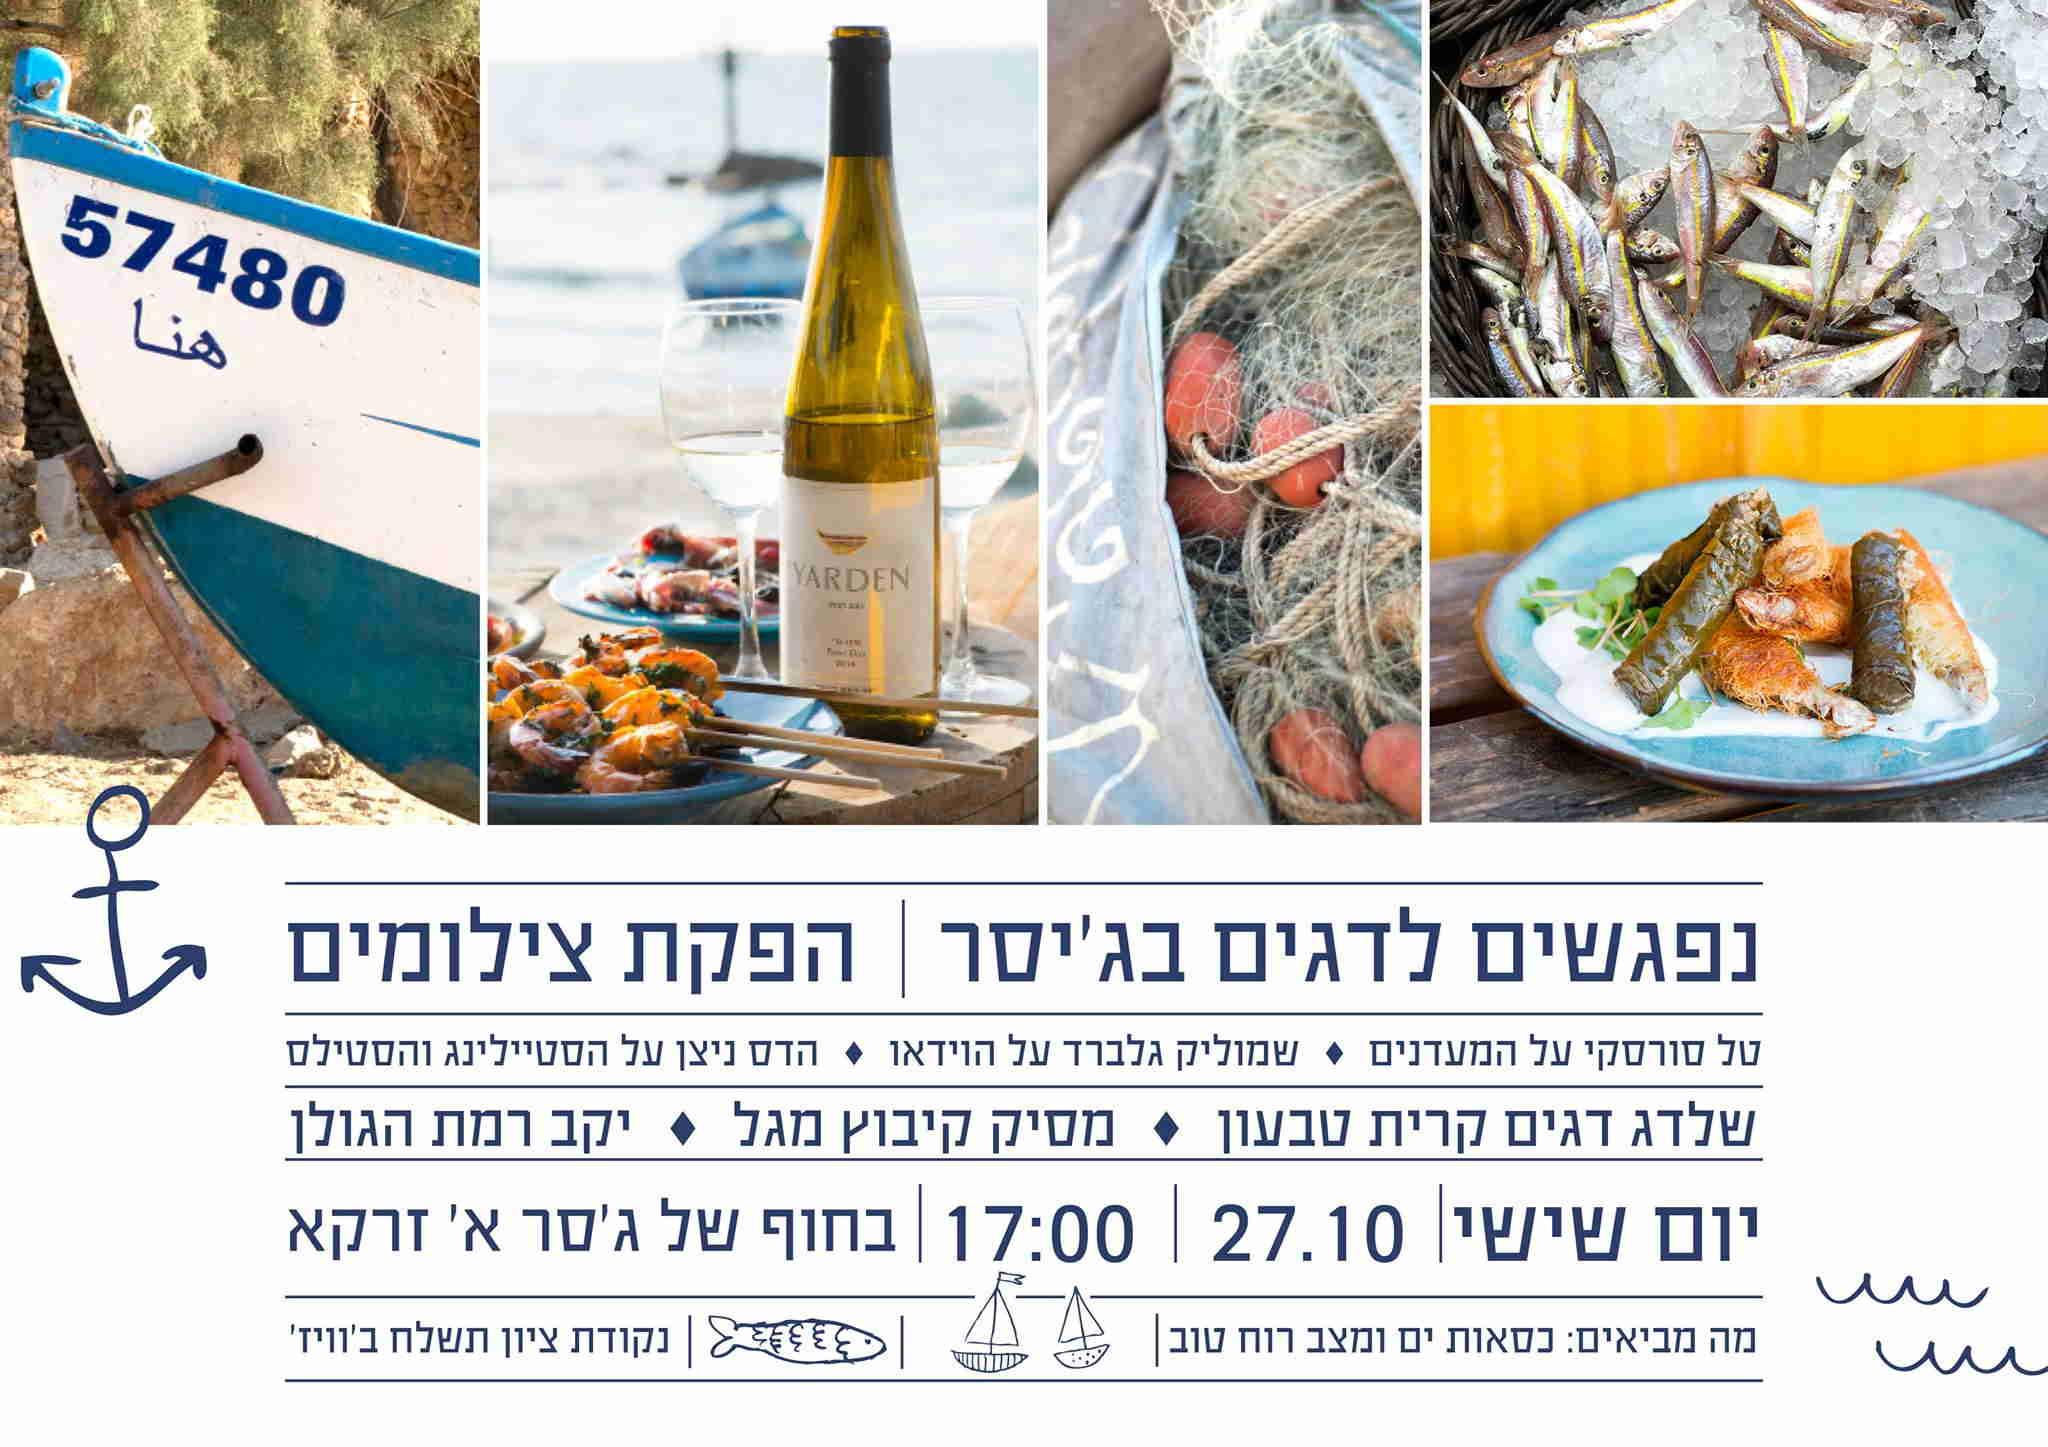 ארוחת דגים בחוף של ג׳אסר א-זרקא